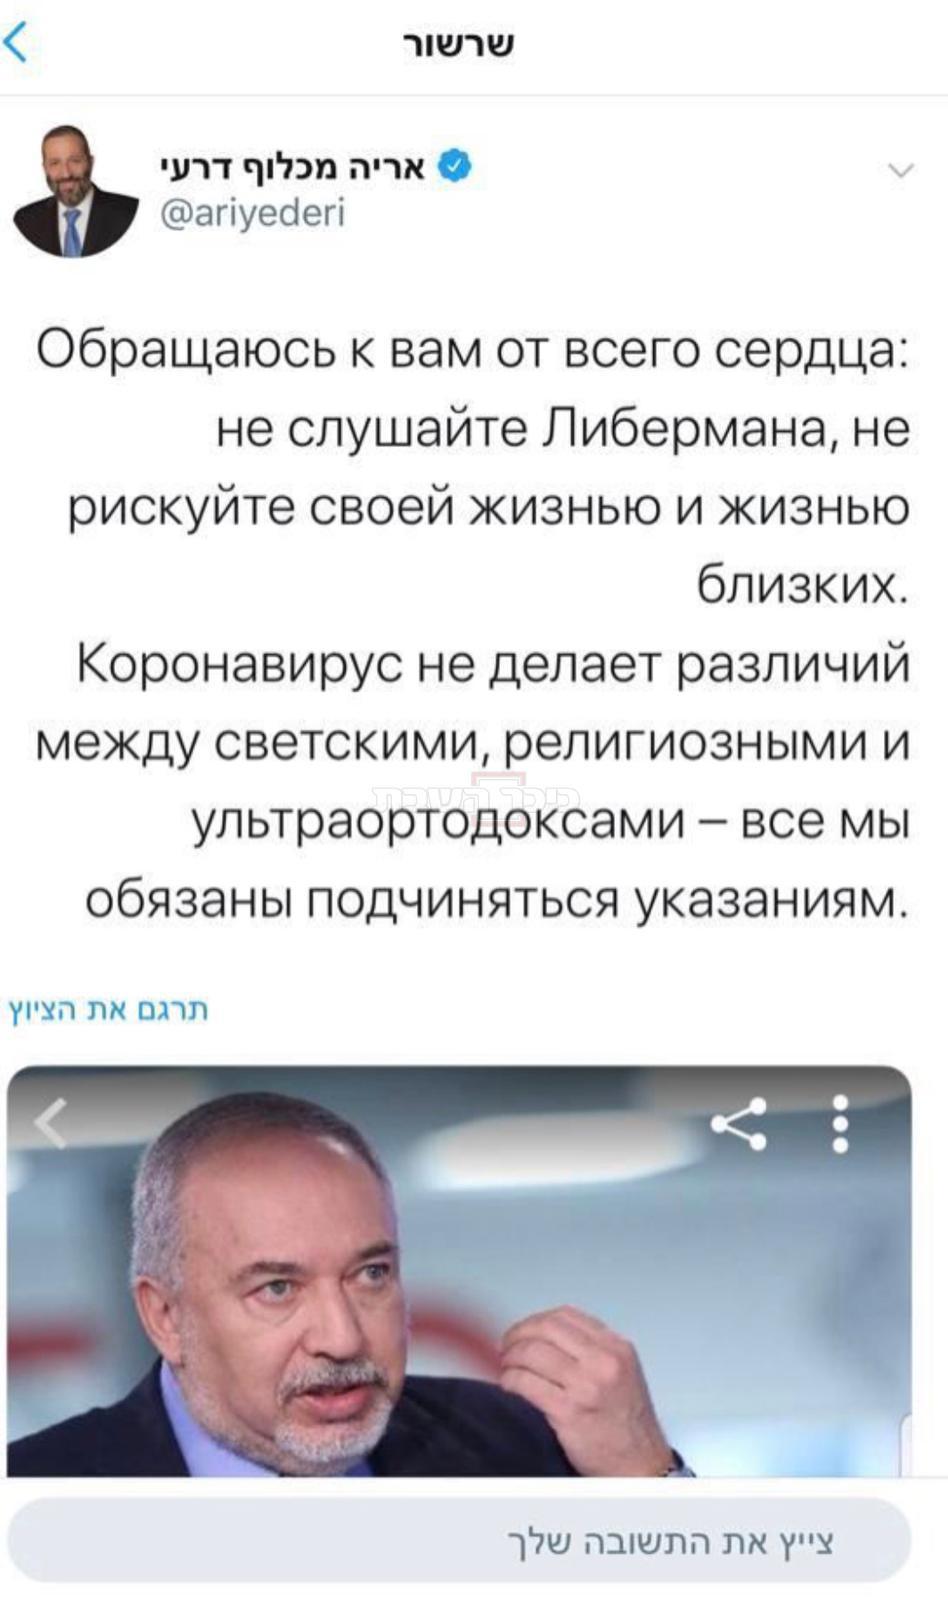 הציוץ של דרעי, ברוסית (צילום מסך)